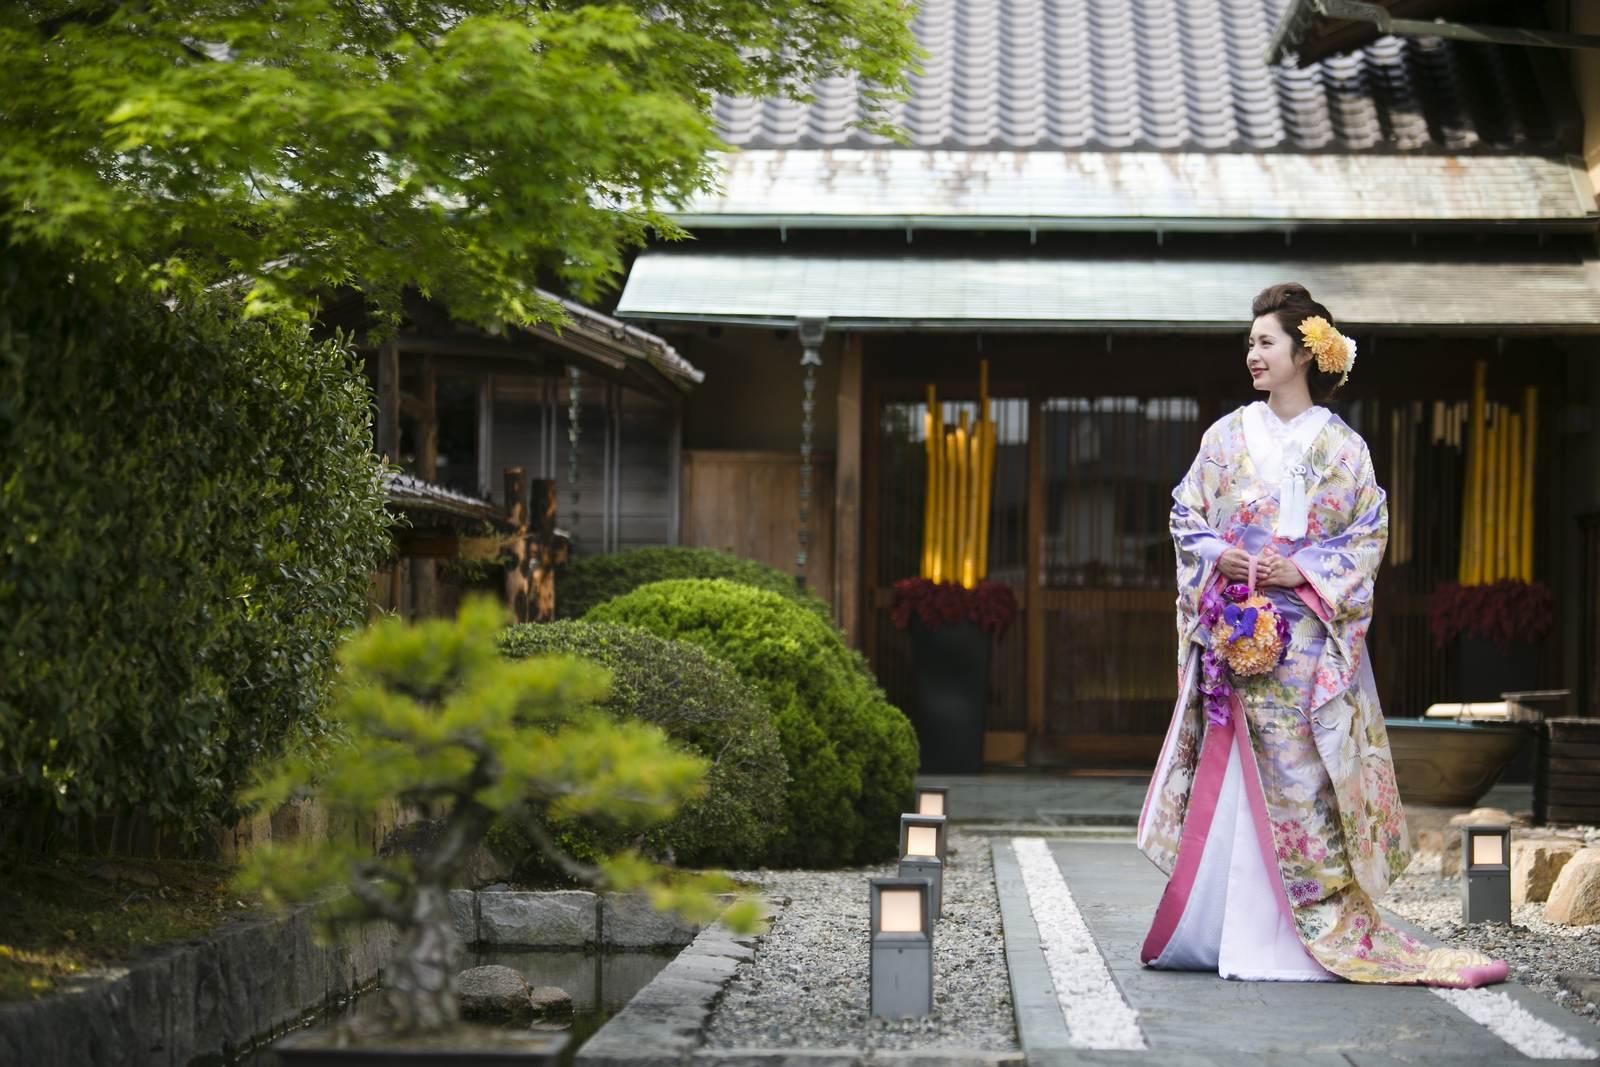 弓絃葉のアプローチで日本庭園を眺める花嫁